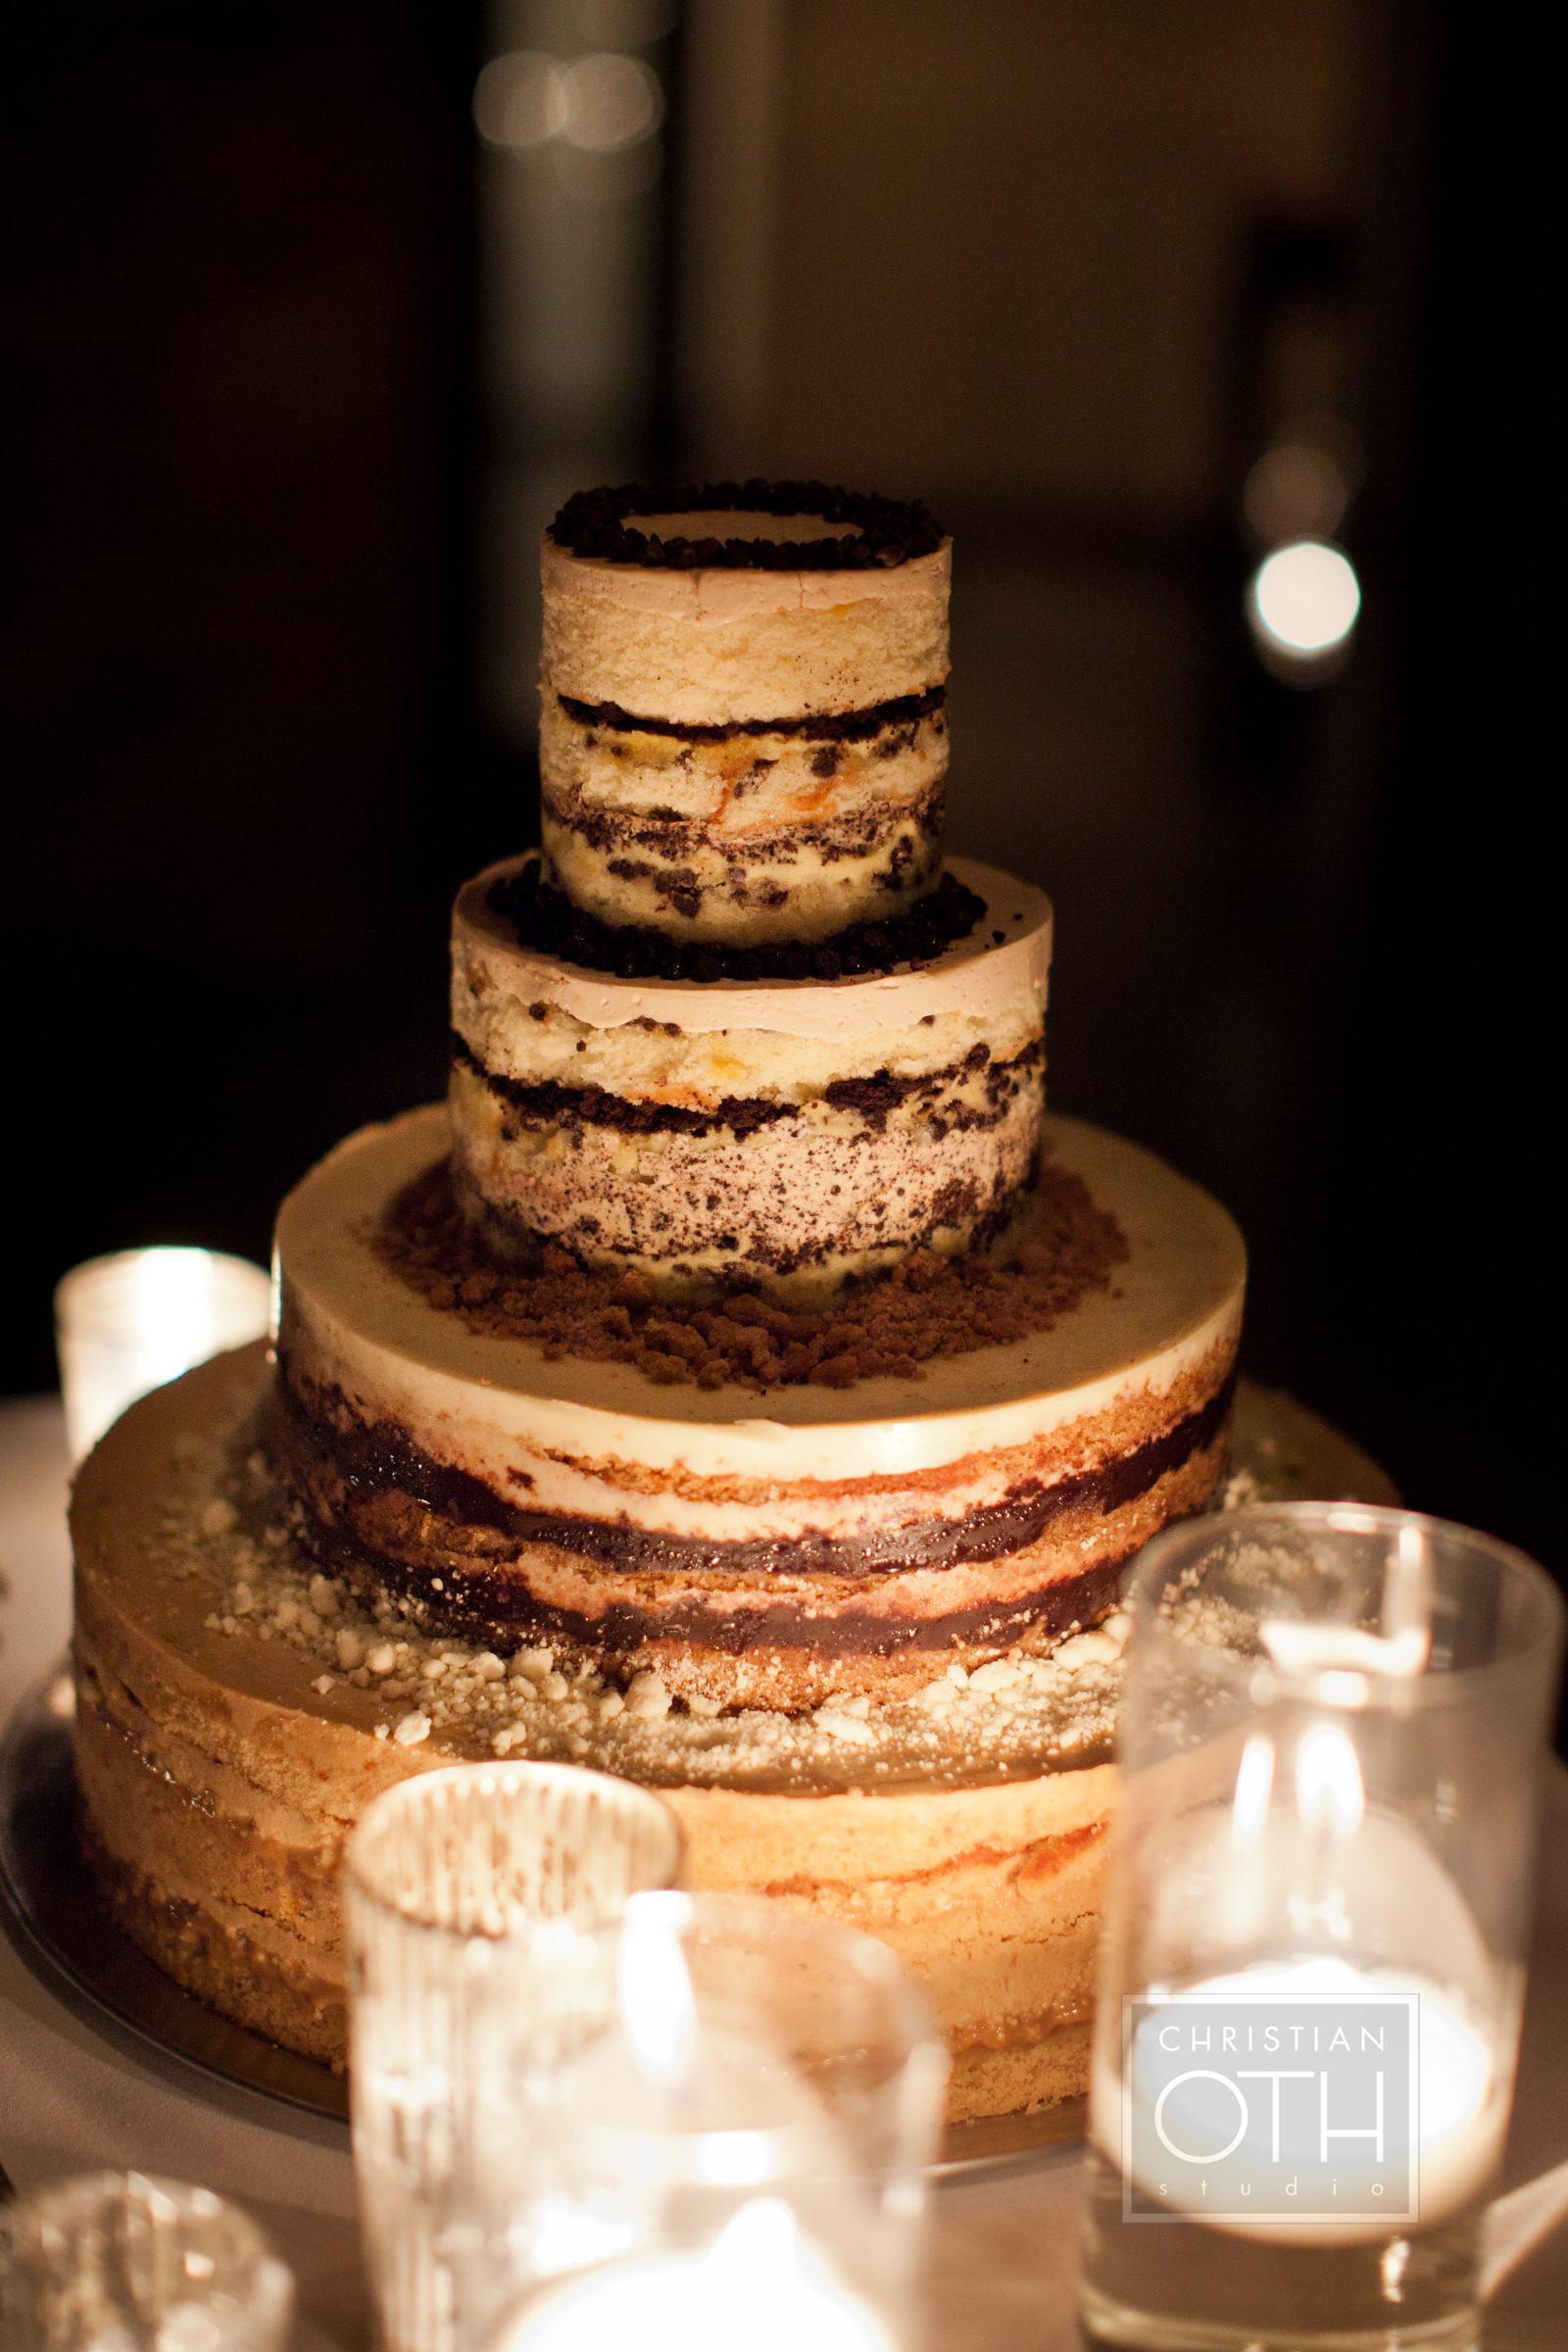 Fashionable Wedding Cake Ideas Wedding Cake Ideas Elizabeth Anne Wedding Blog Wedding Cakes Designs Wedding Cakes You Can Make At Home wedding cake Unique Wedding Cakes